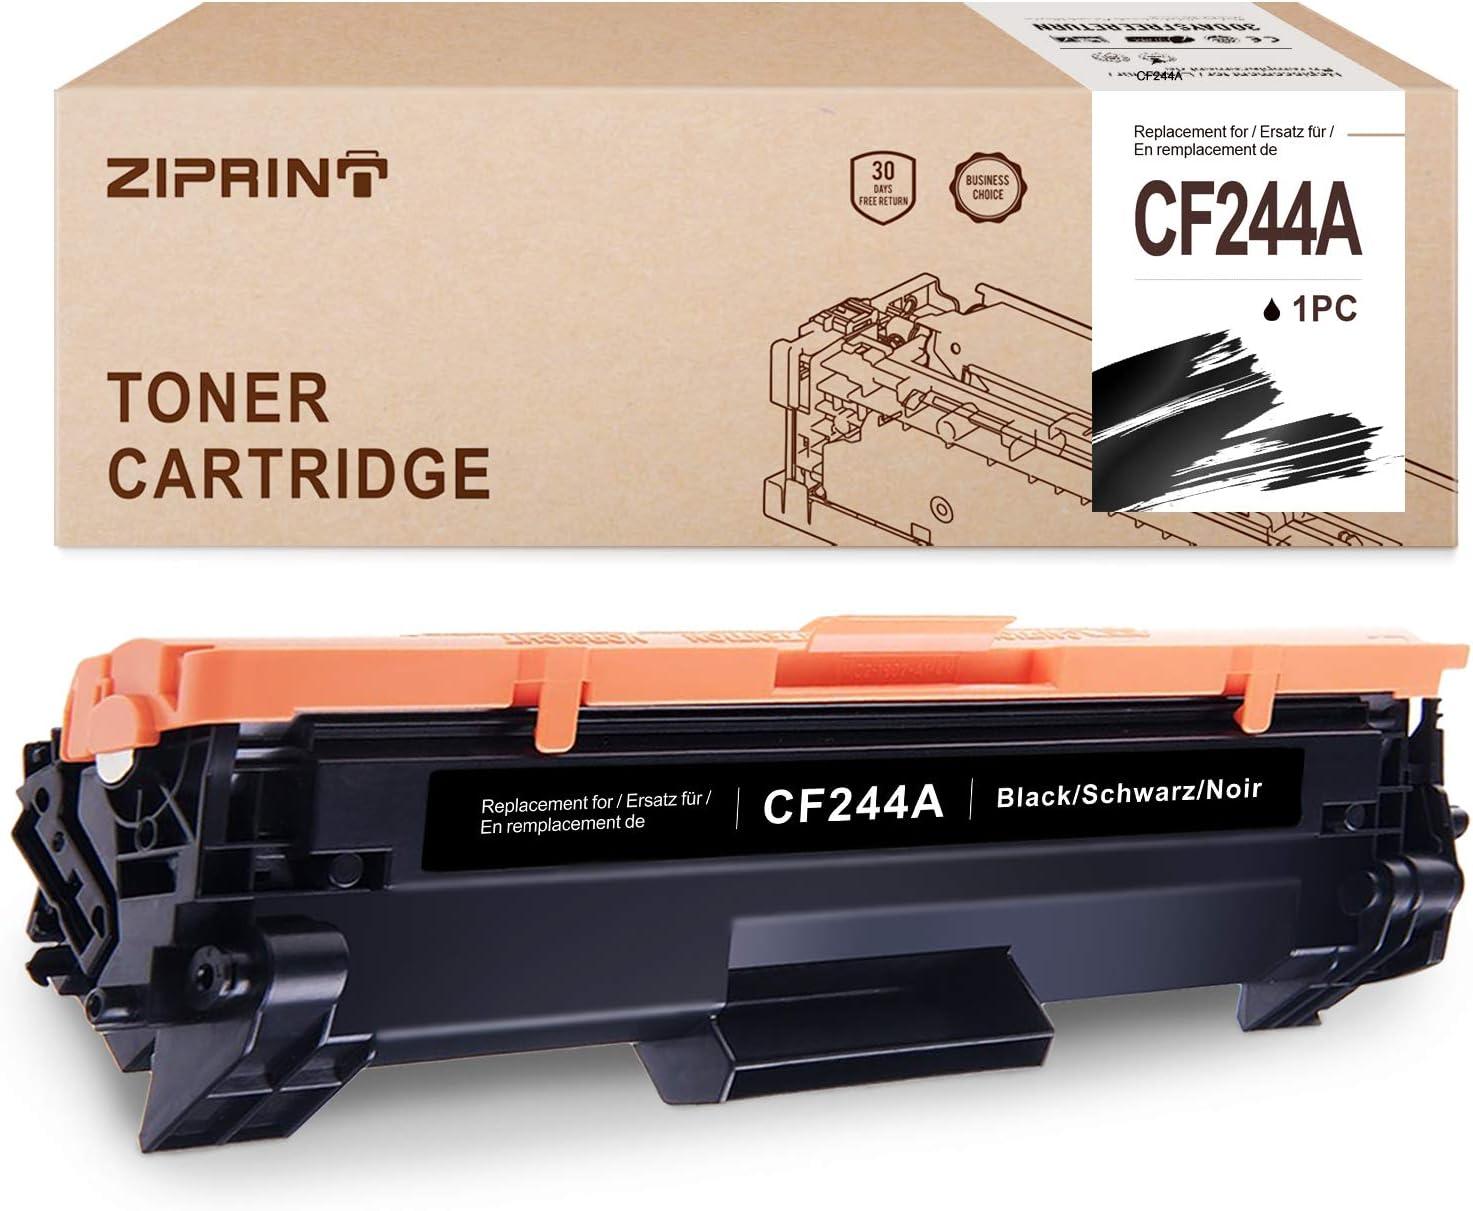 ZIPRINT 2 Negro Toner Compatible HP CF244A 44A Toner para HP Laserjet Pro M15w M15a M16w M16a M29w M29a HP Laserjet Pro MFP M28w MFP M28a